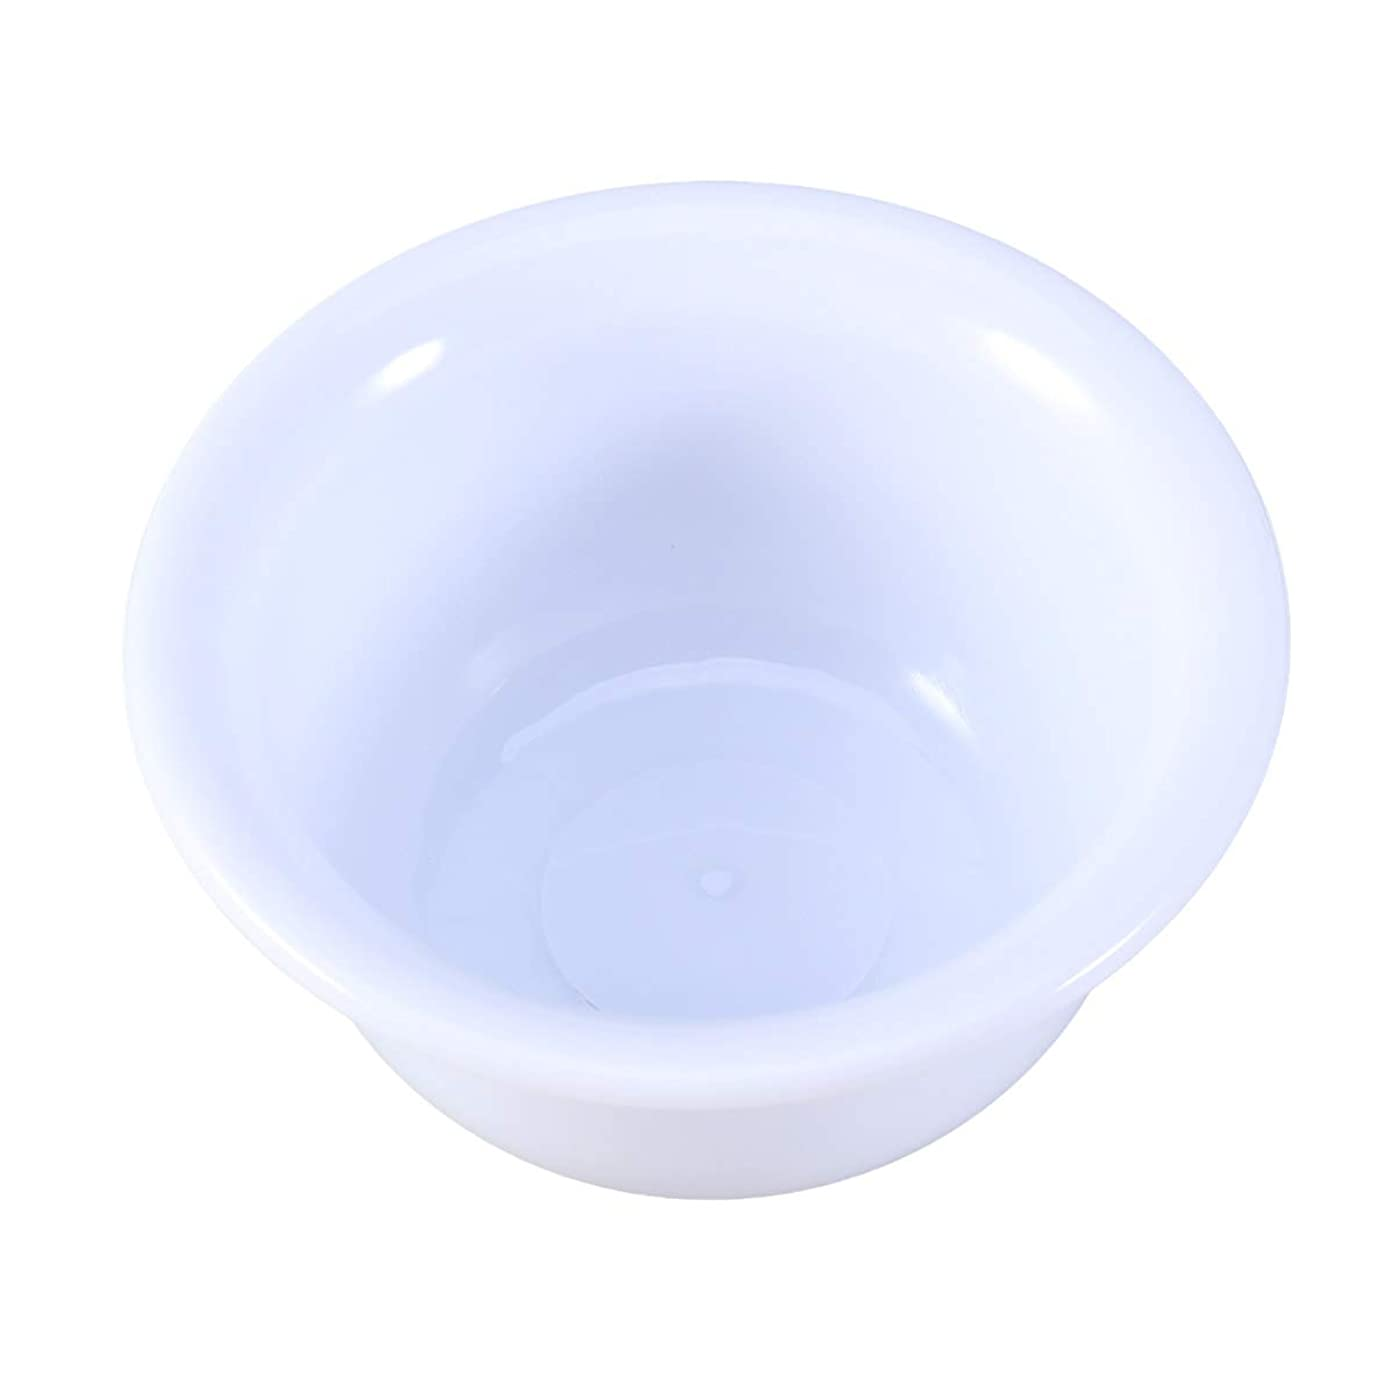 コイルヘルパー浸すカミソリ用SUPVOXマンズプラスチックシェービングボウルバーバーソープマグカップ(ホワイト)